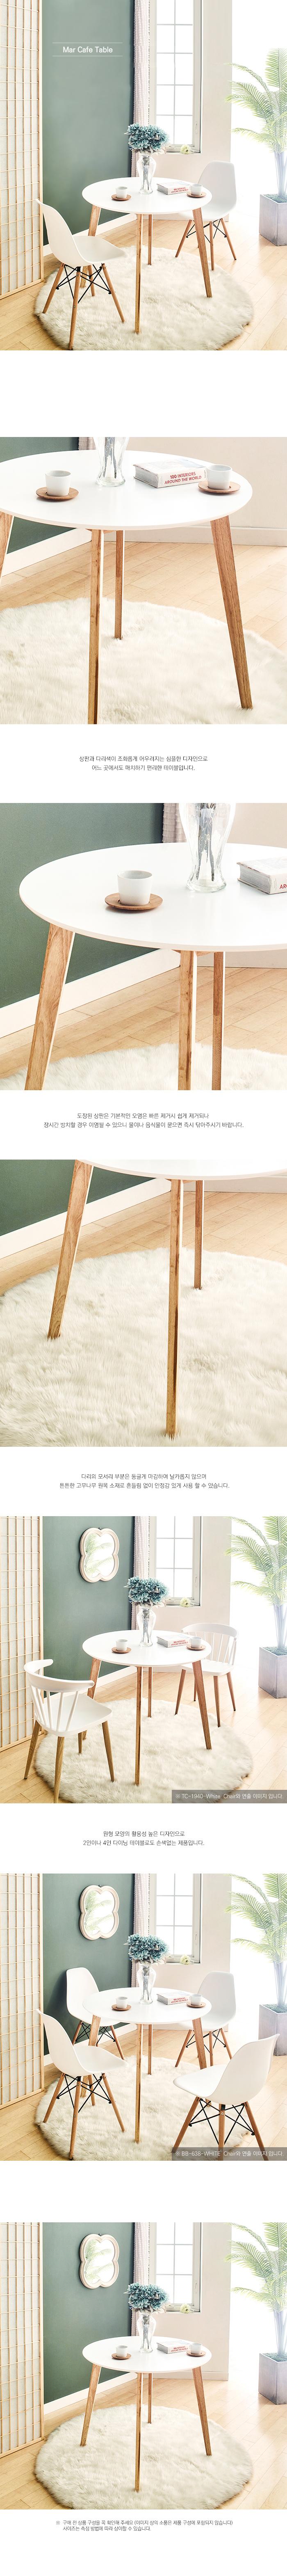 Marthan-Table_190516-2.jpg